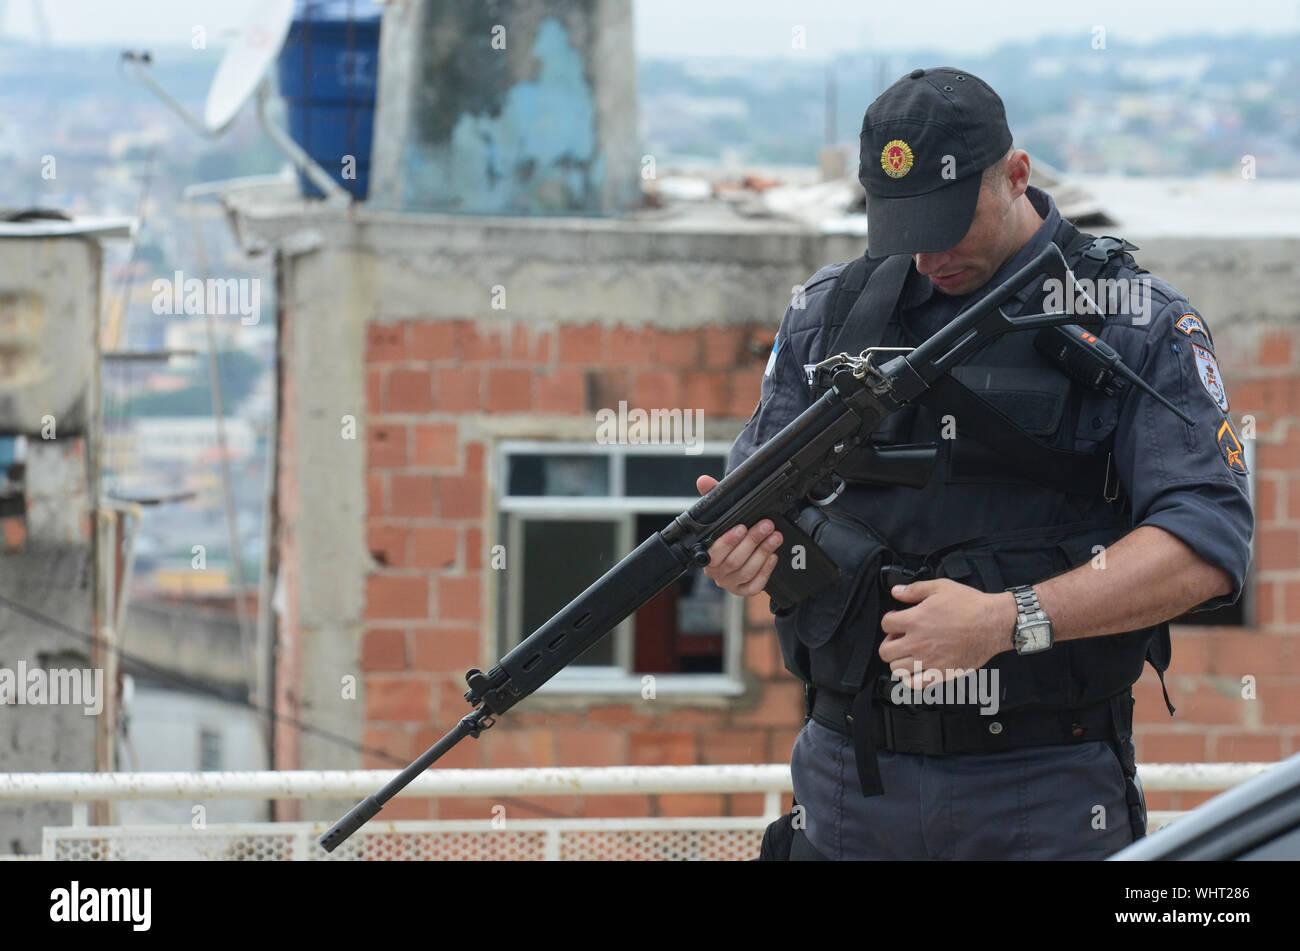 RIO DE JANEIRO, BRASILIEN, März, 21, 2015: Rio de Janeiro Militärpolizei mit Scharfschützen patrouillieren die Deutsche Komplex, slum Komplex Stockfoto